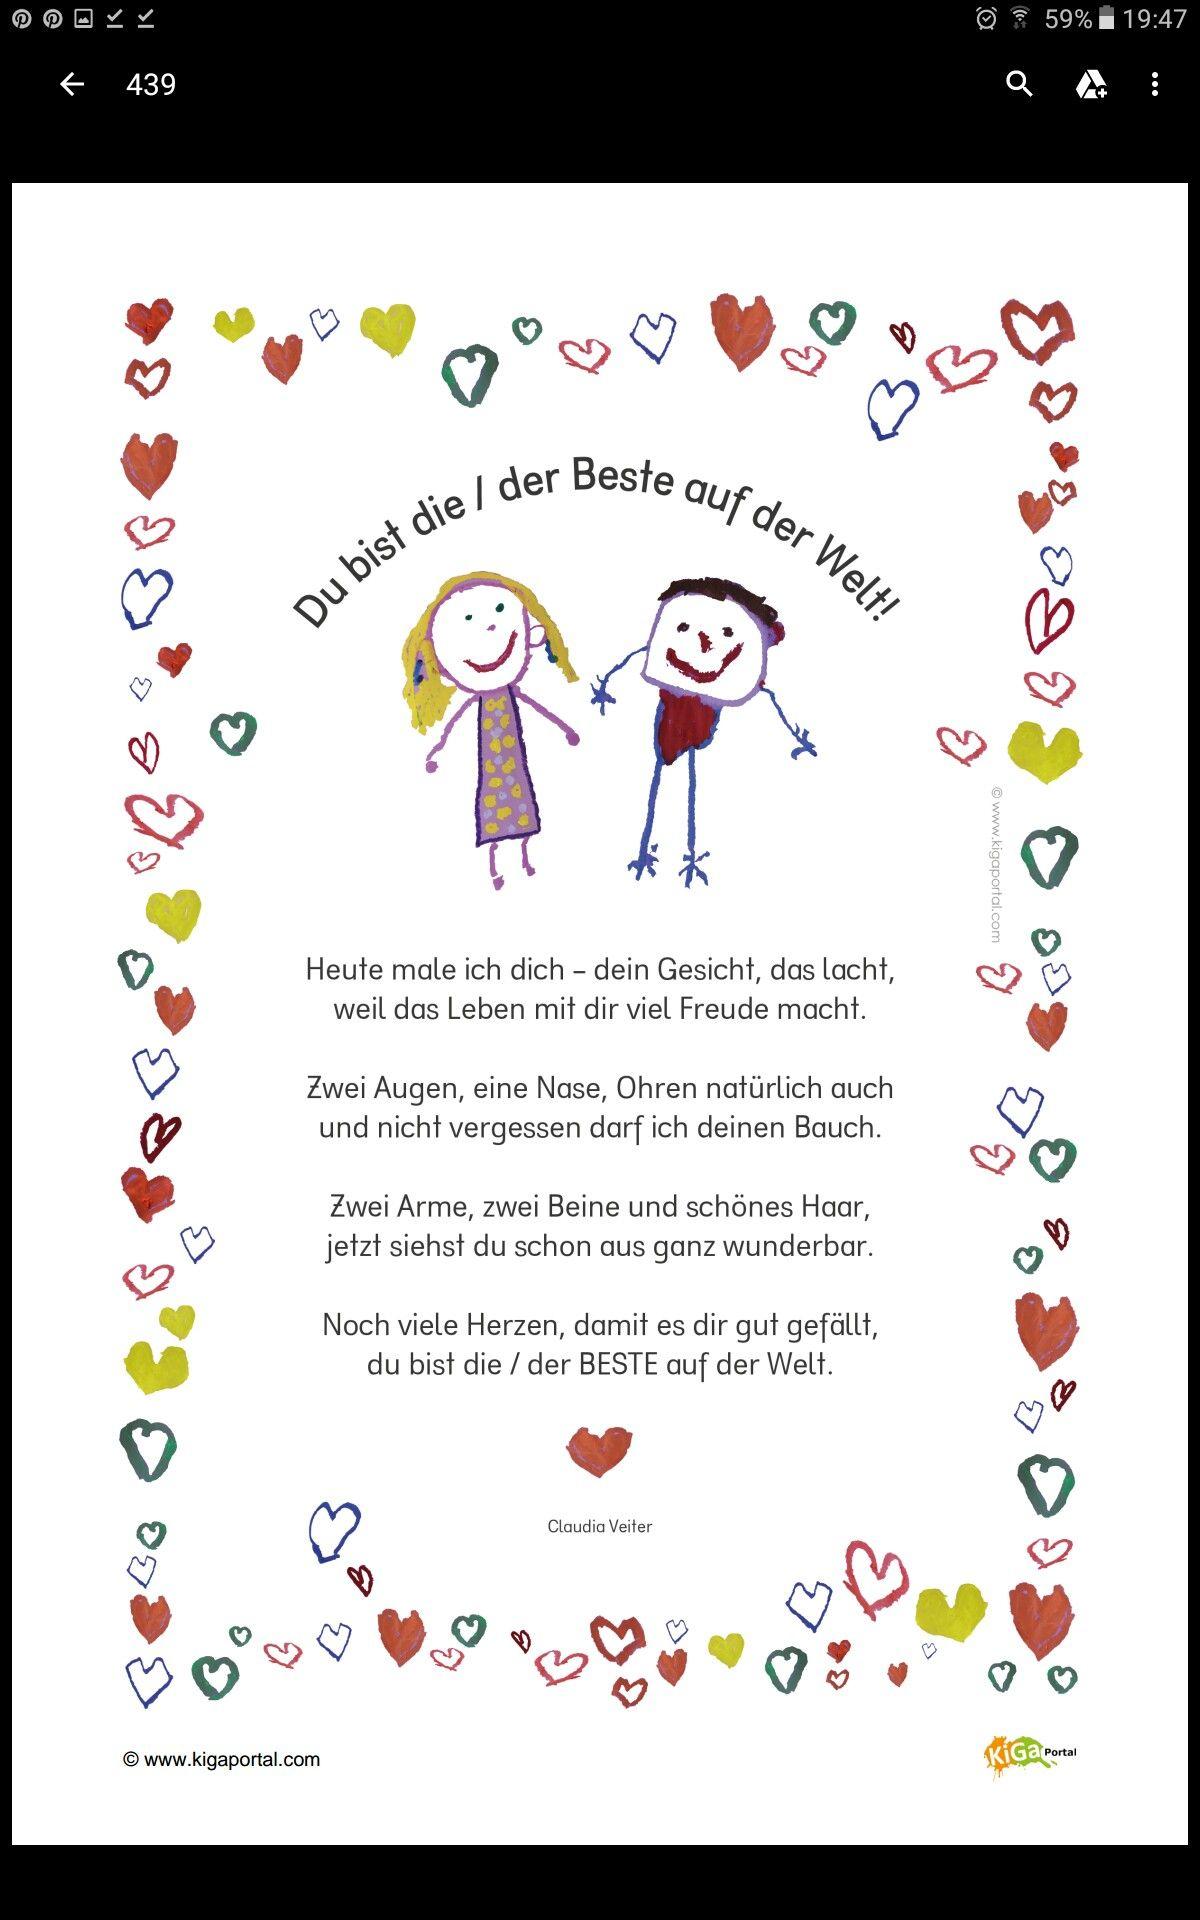 Gedicht Für Mutter/vatertag | Muttertag Gedicht in Bastelideen Zum Vatertag Grundschule